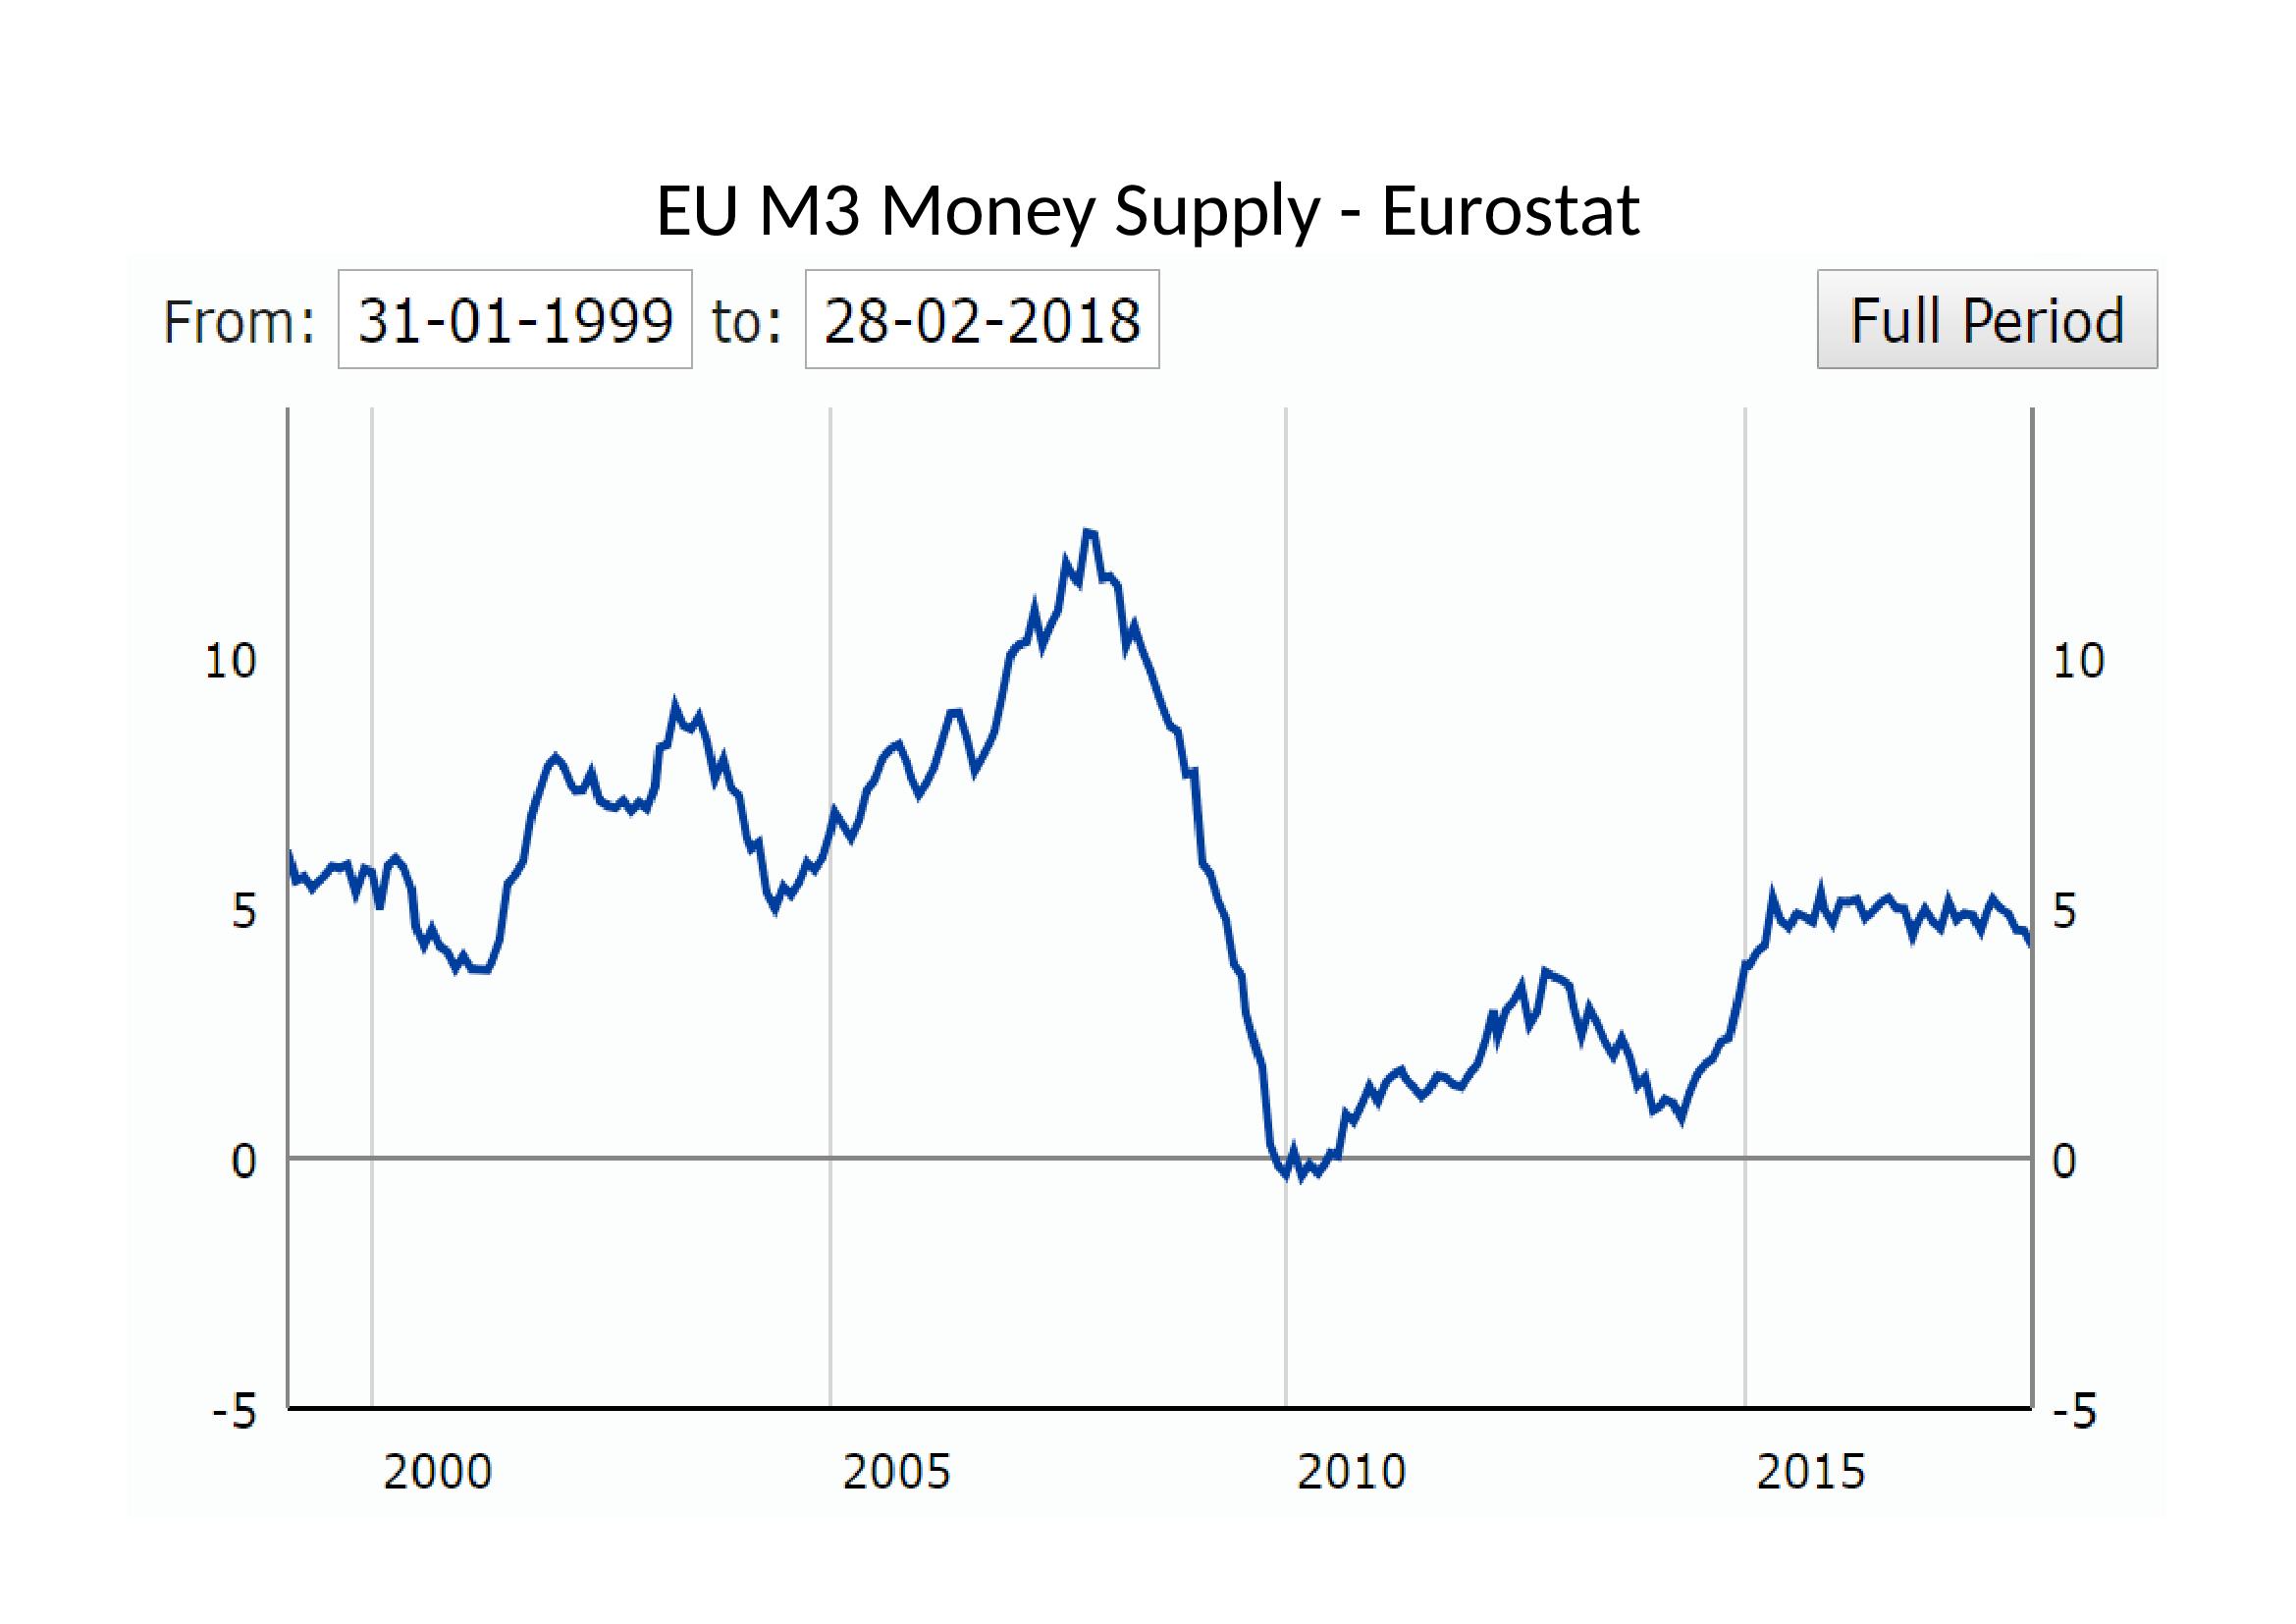 EU M3 Money Supply